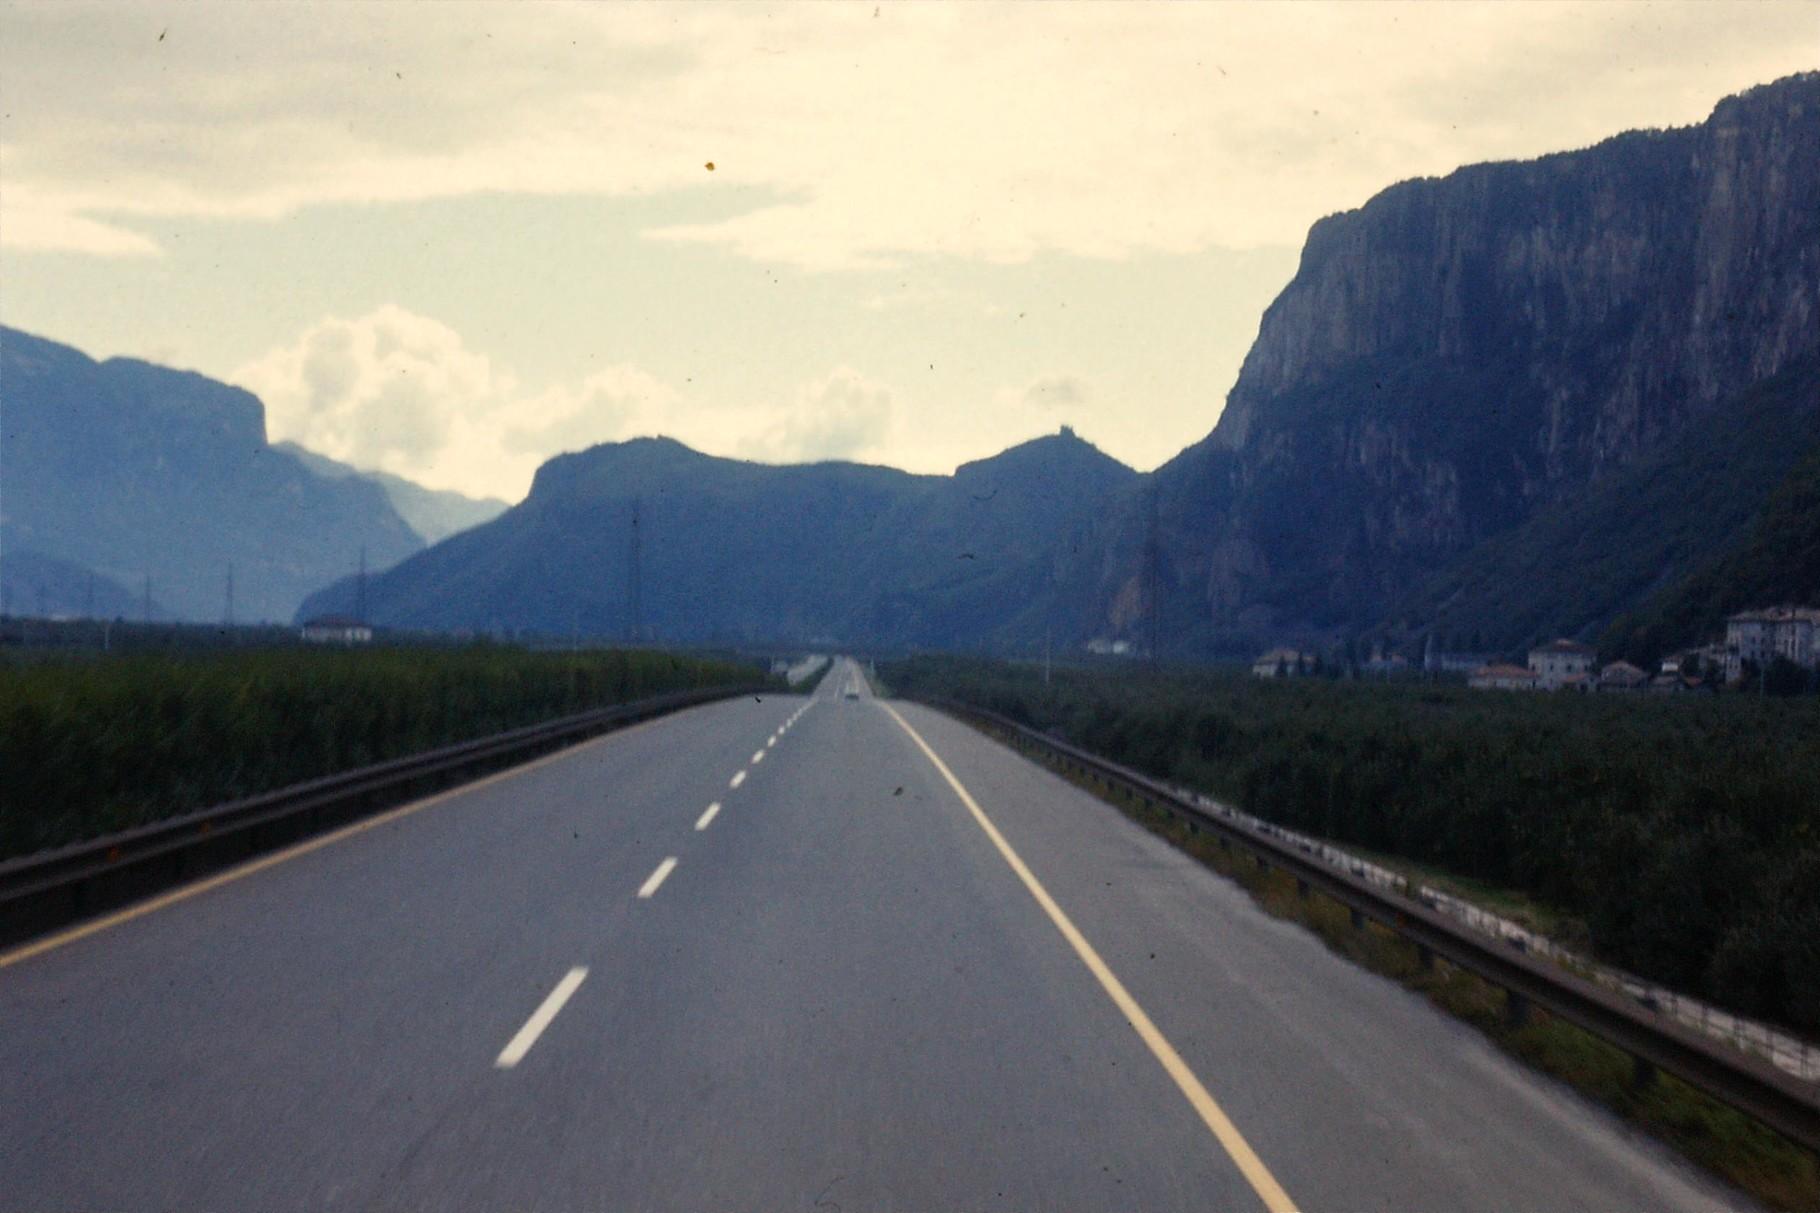 In den 70ern war die Brennerautobahn noch leer. Damals gab es keine Billigheimer aus dem Osten.